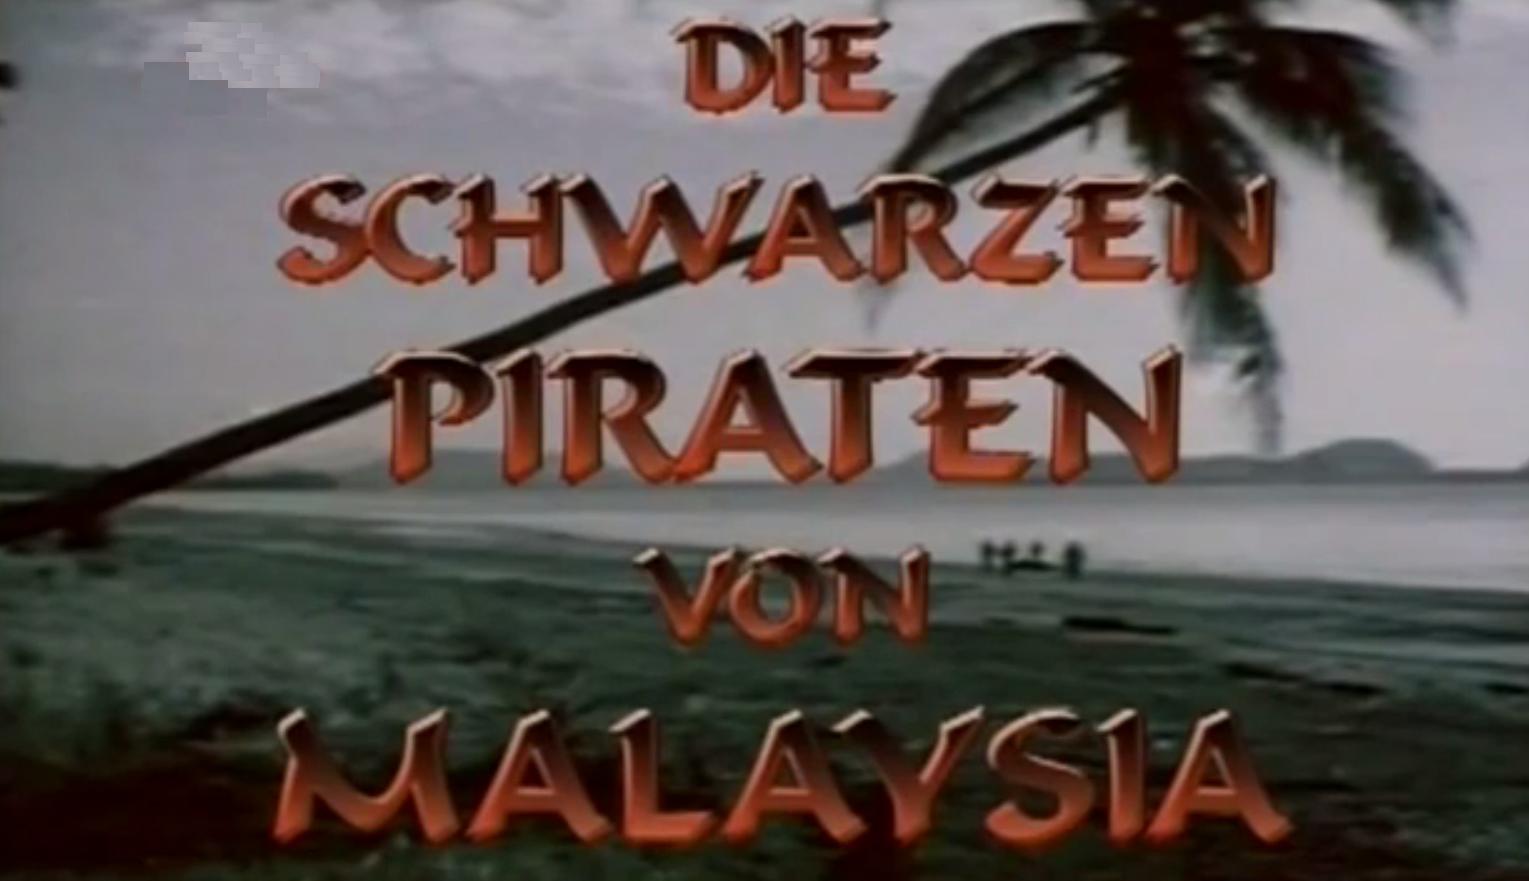 schwarzen Piraten von Malaysia, Die